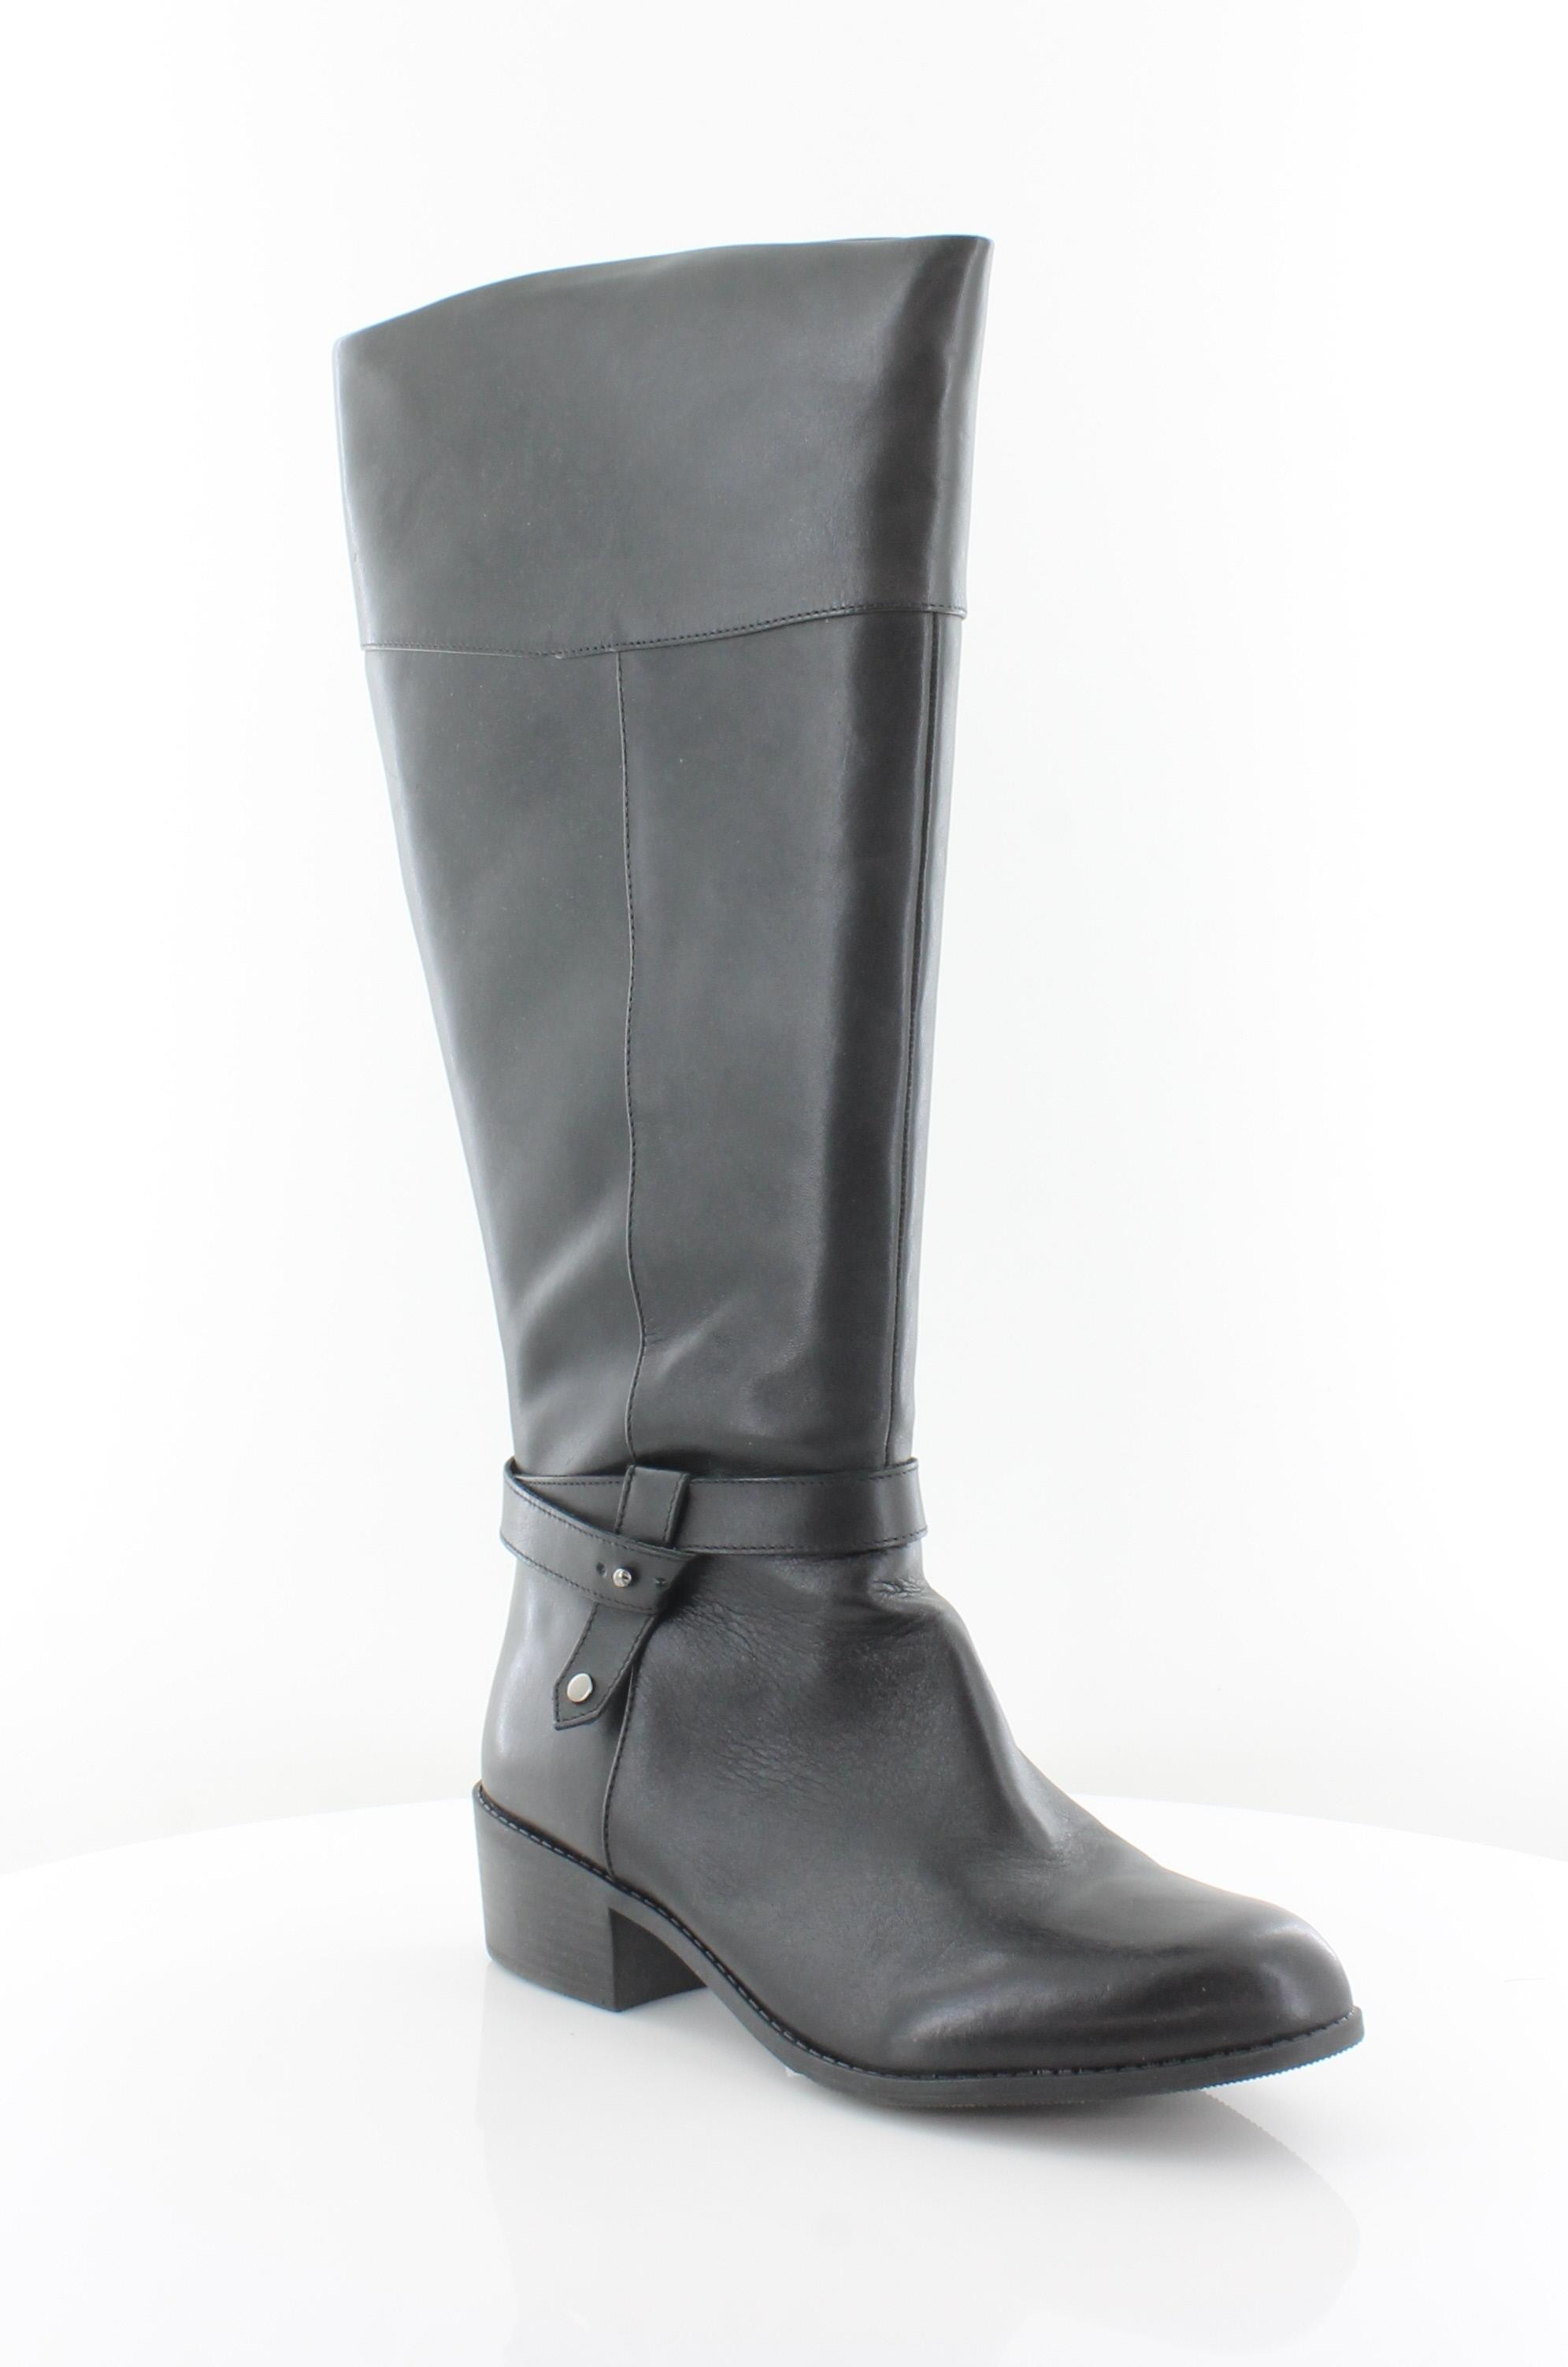 venta caliente en línea Alfani berniee Negro Zapatos para para para mujer M botas precio minorista sugerido por el fabricante  punto de venta en línea